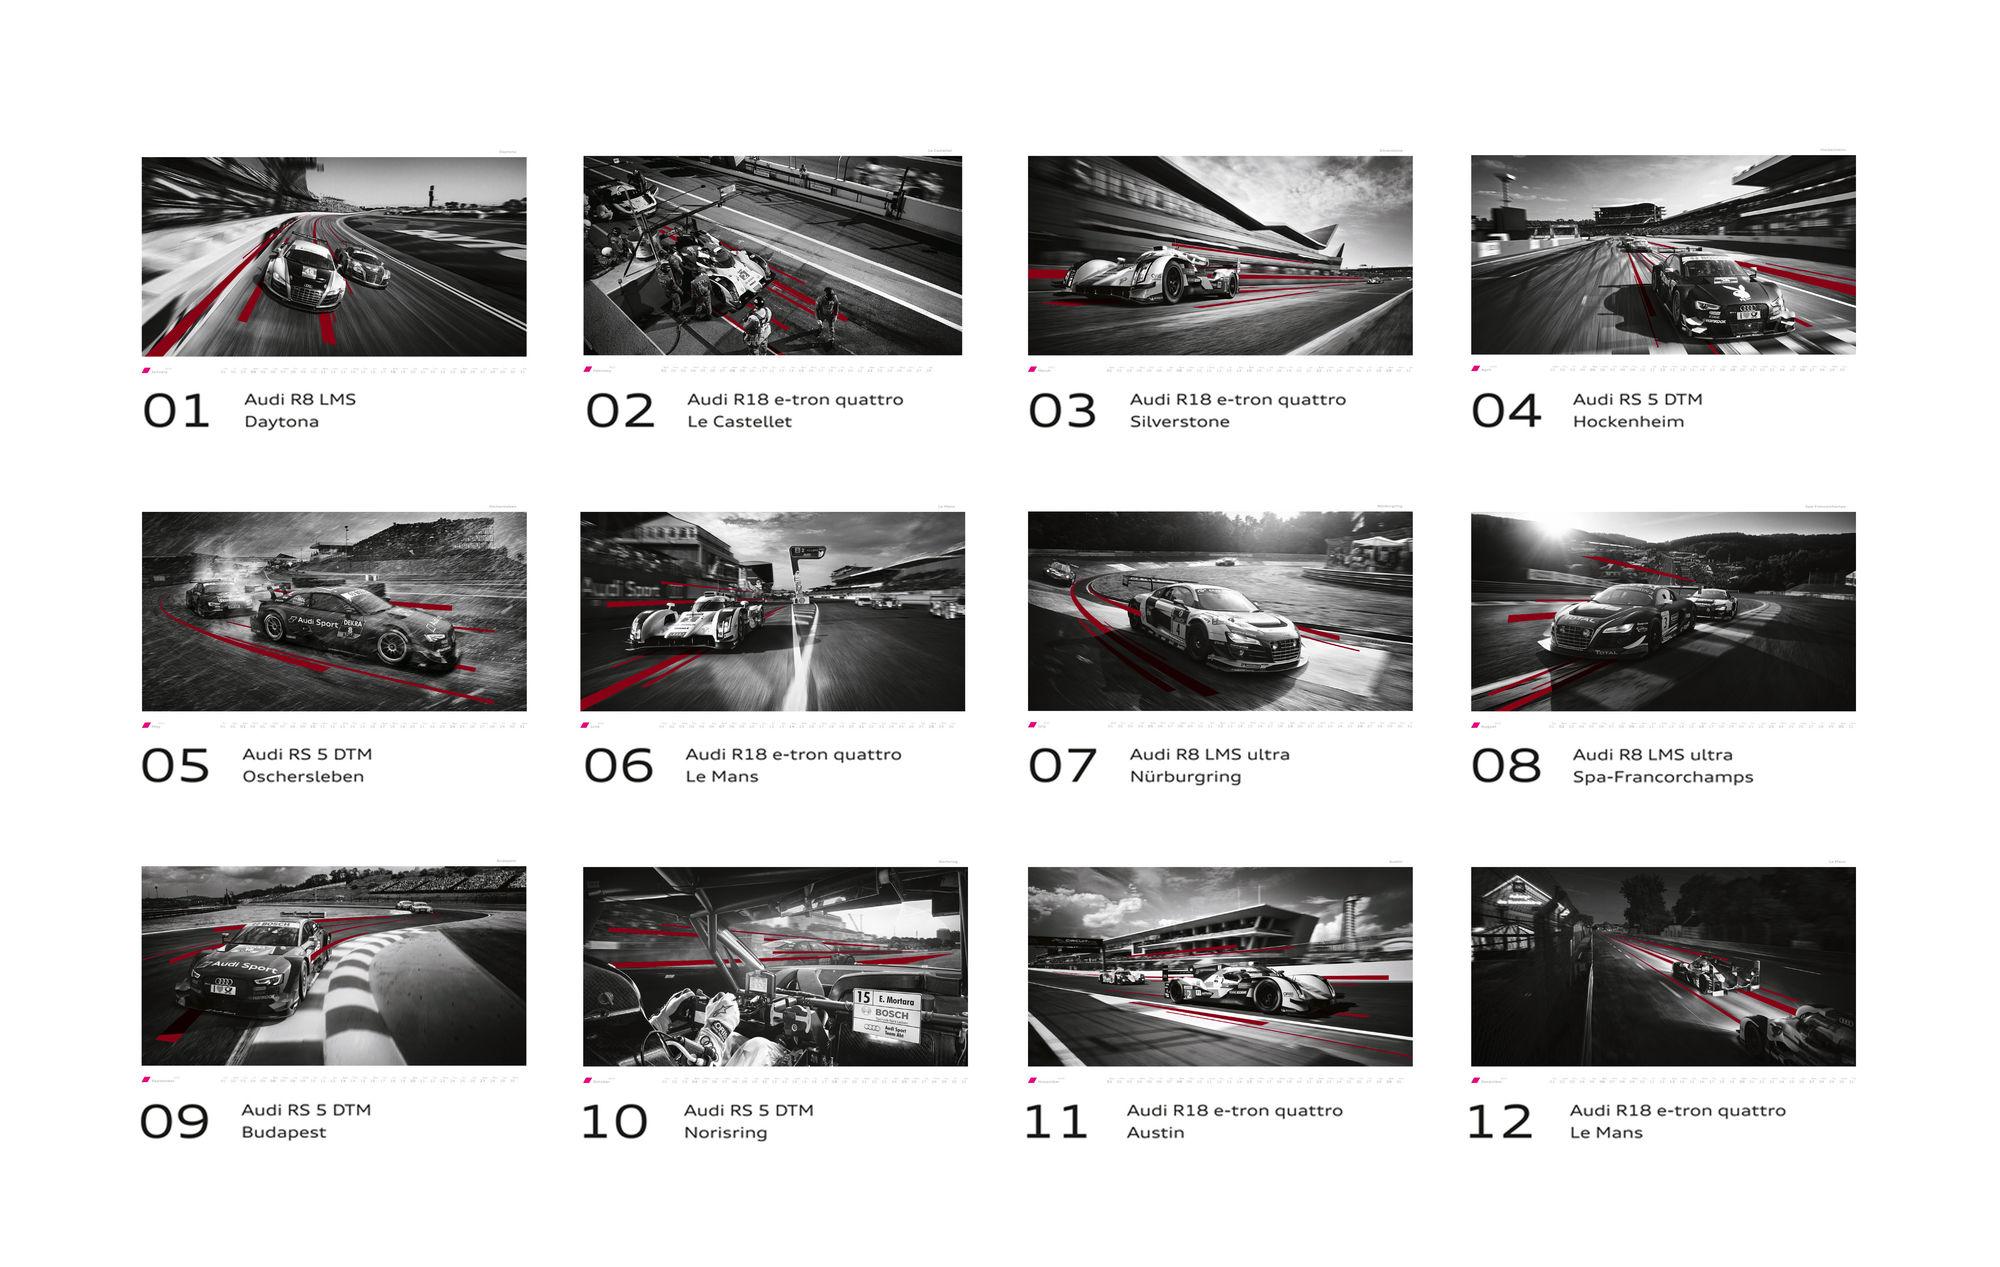 2000x2000-bigaudi-motorsport-calendar-2015-overview.jpg